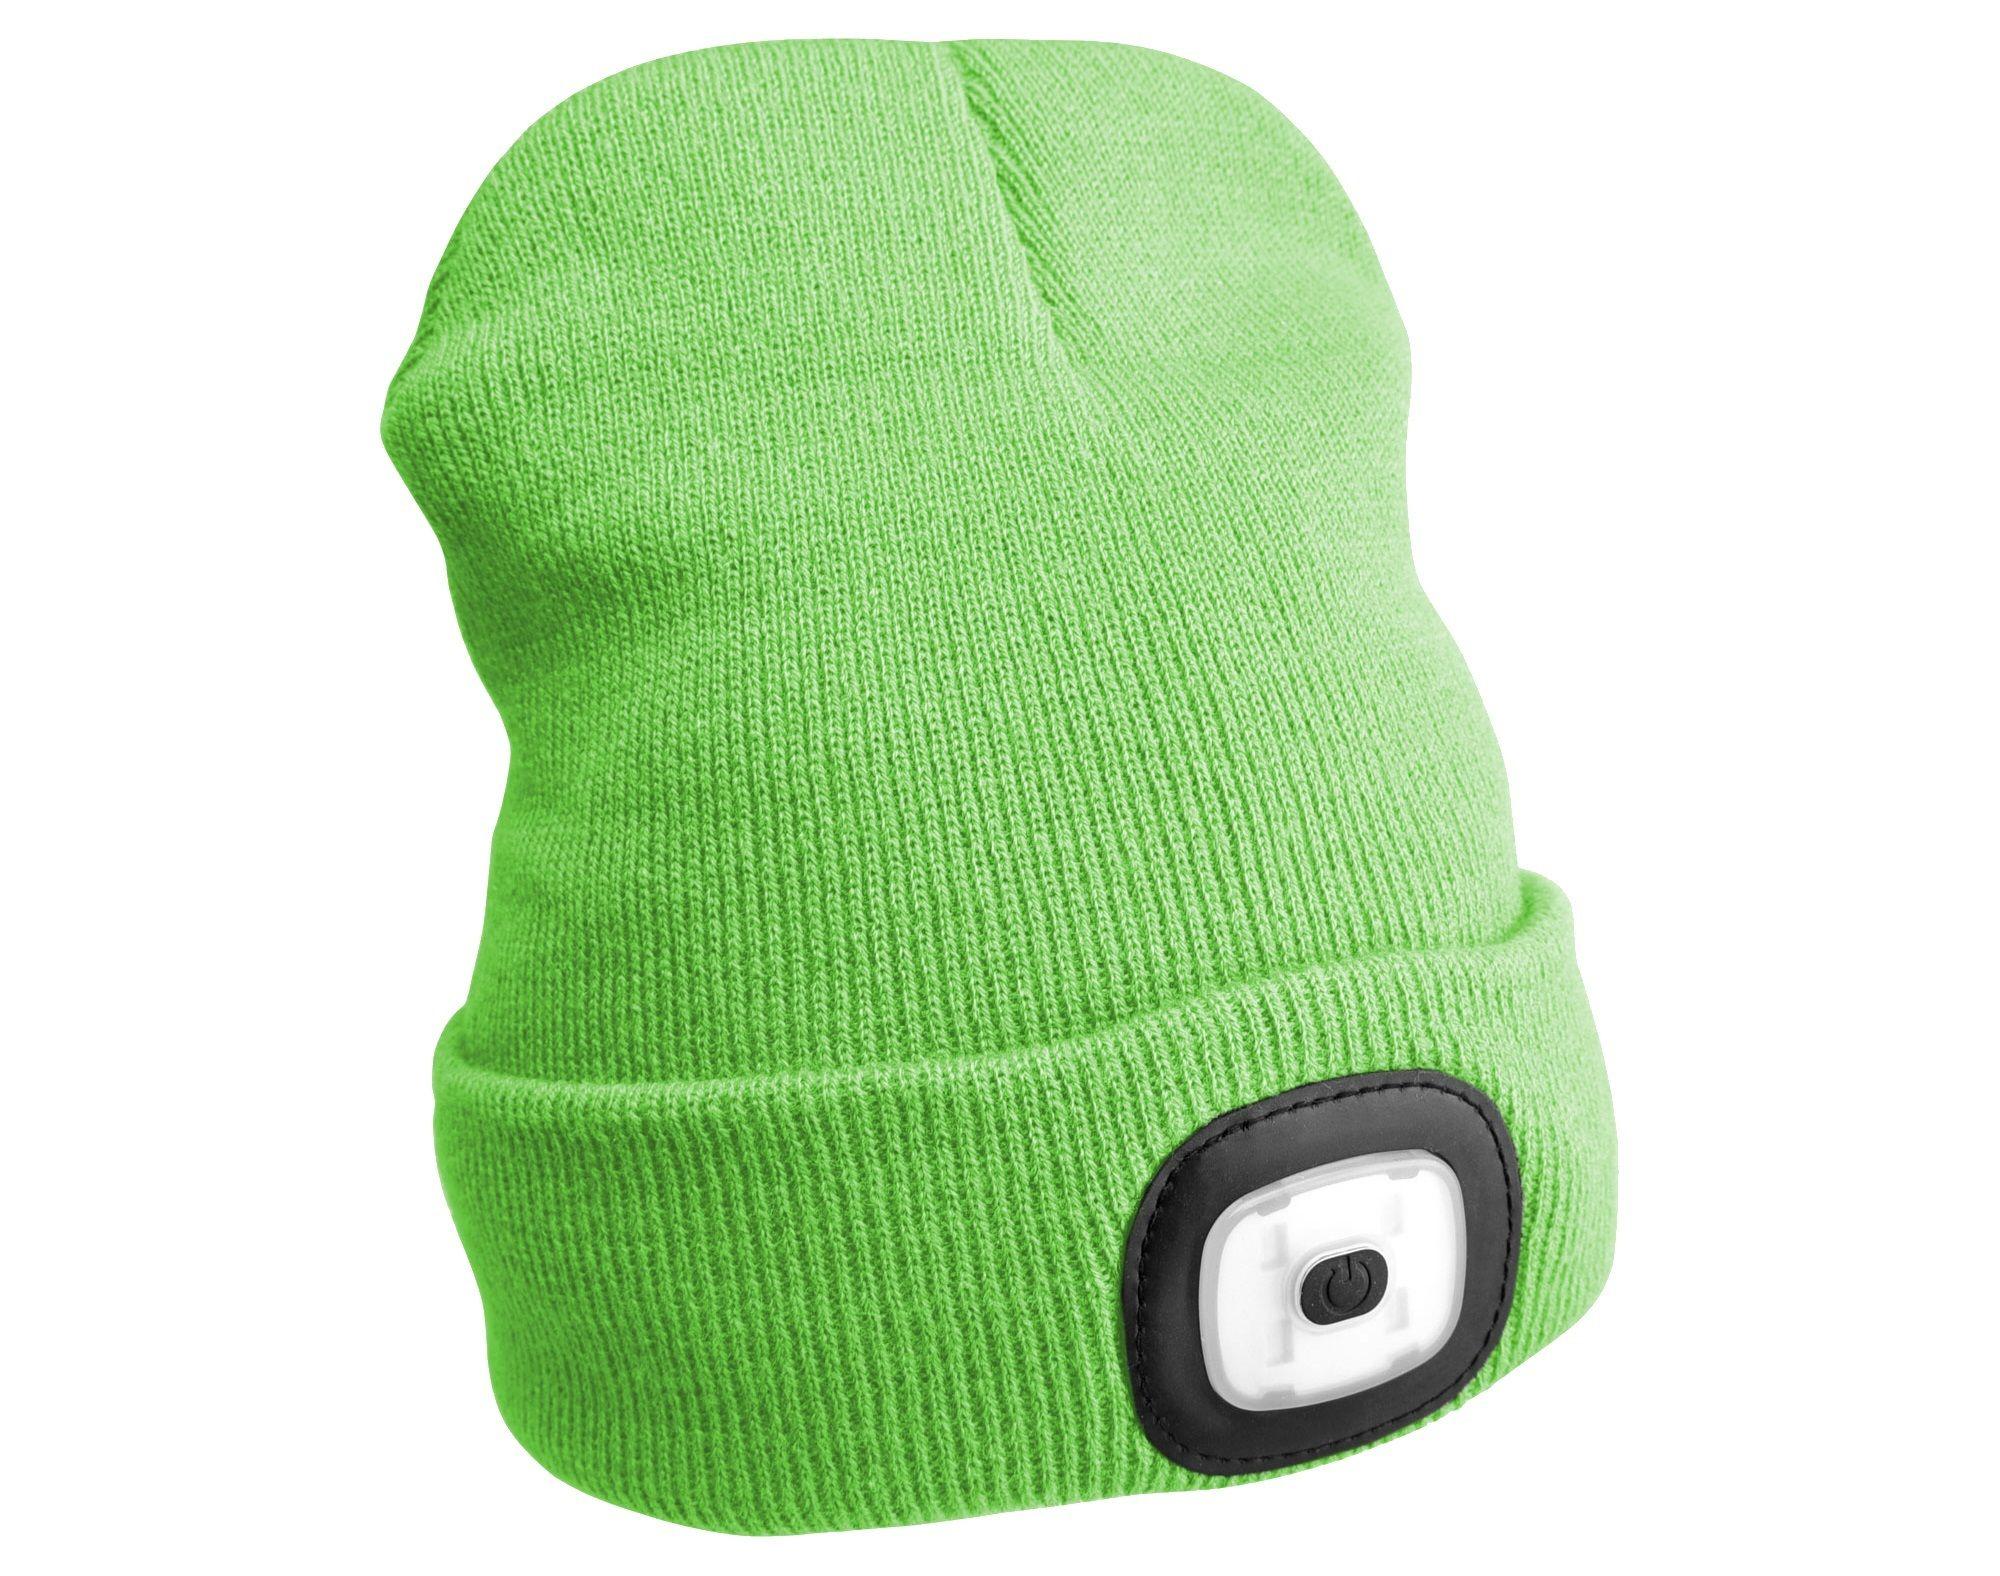 Čepice s čelovkou 180lm, nabíjecí, USB, univerzální velikost, fluorescentní zelená SIXTOL